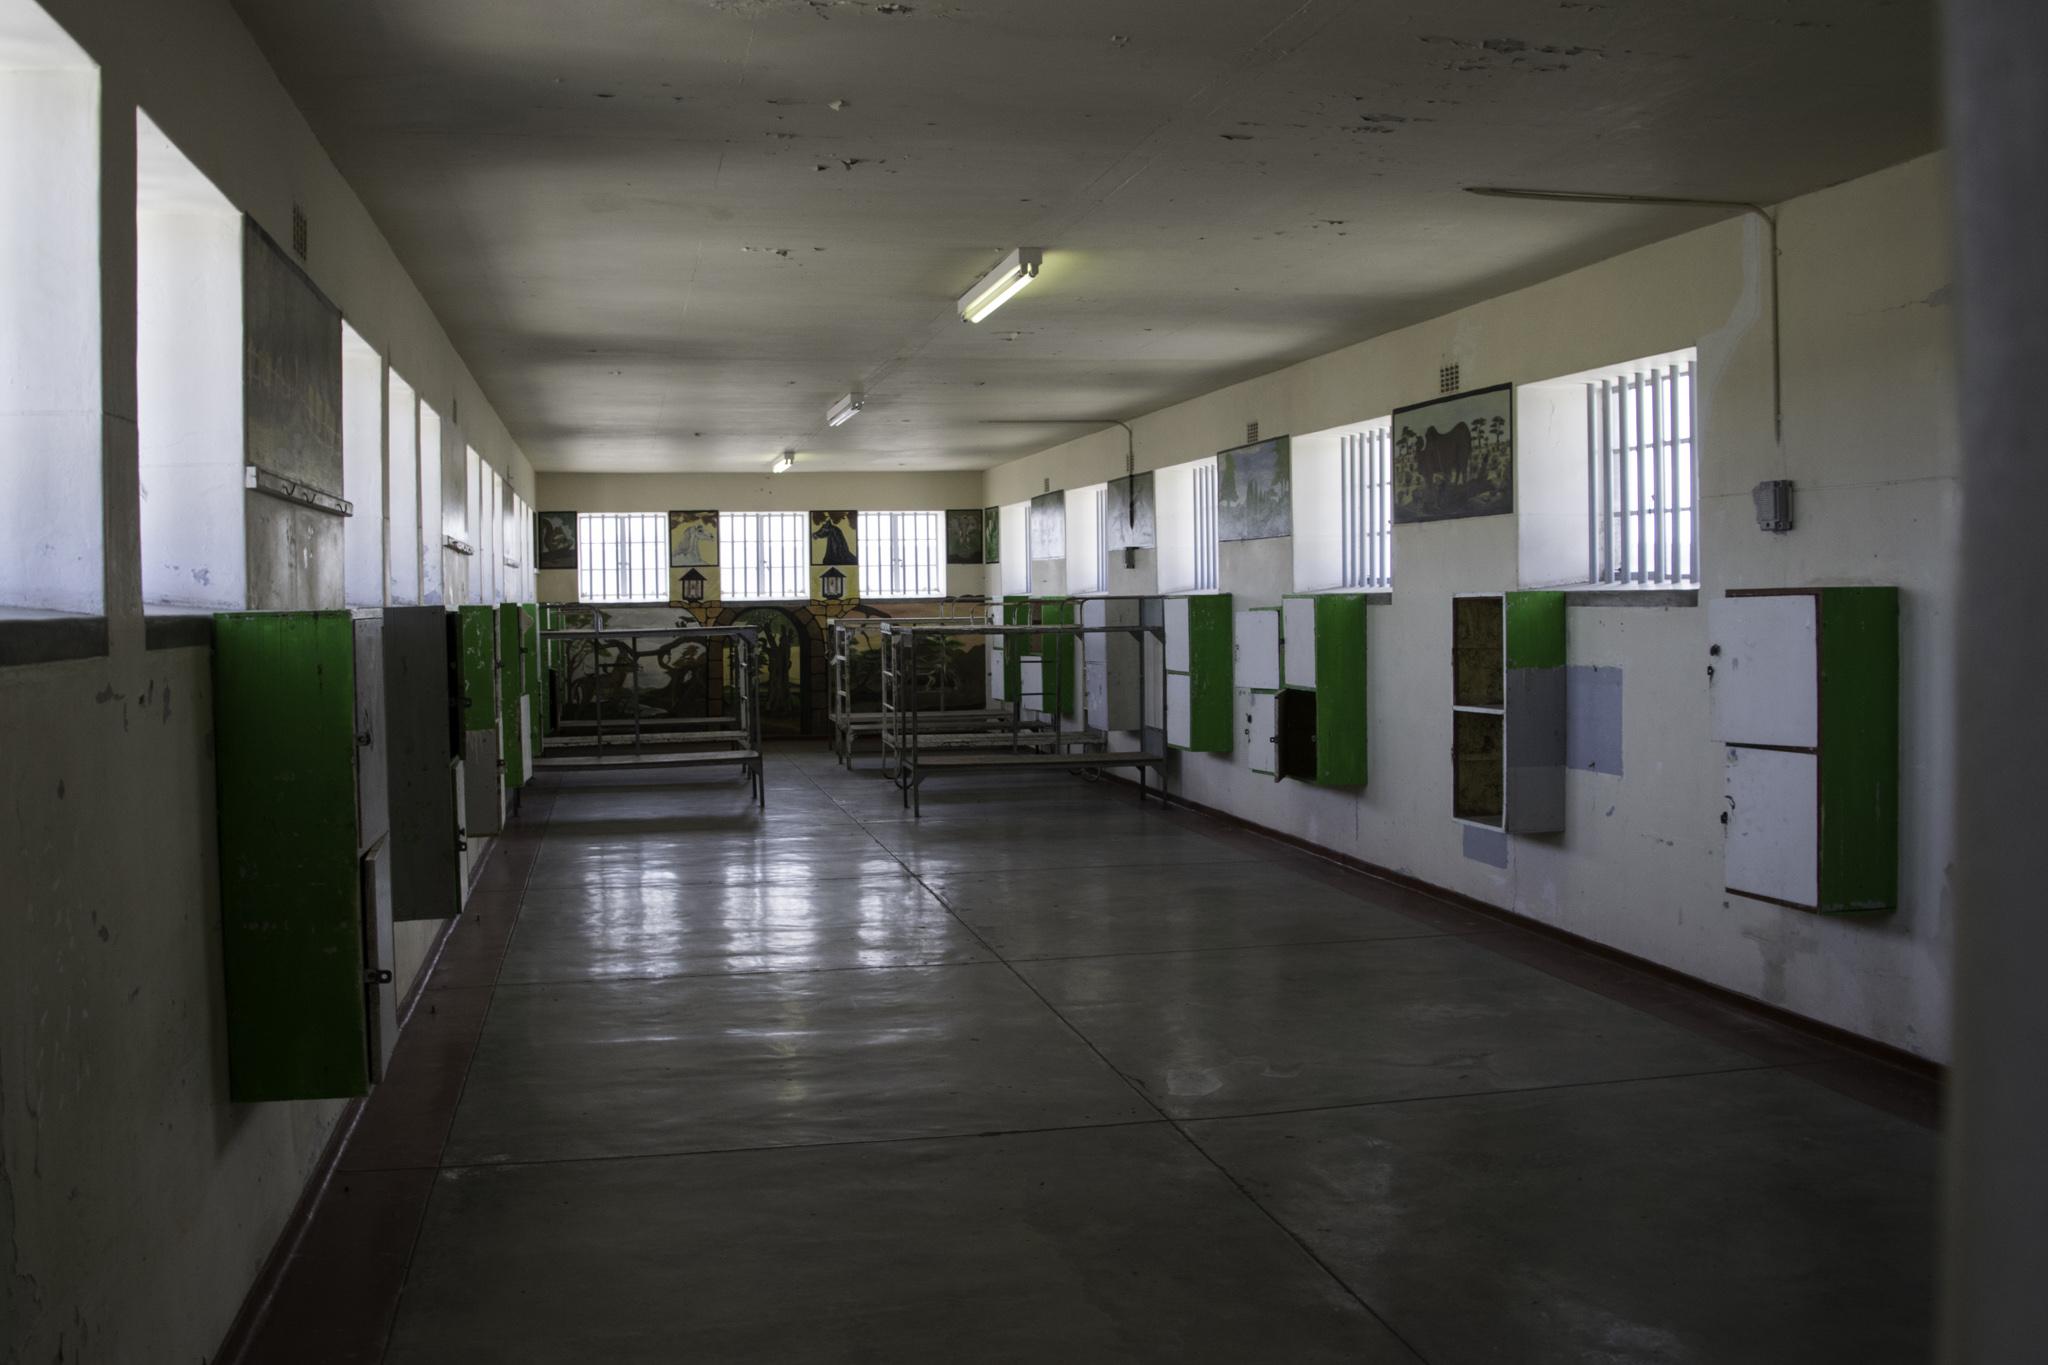 Eine Gemeinschaftszelle auf Robben Island - Nelson Mandela war jedoch in Einzelhaft